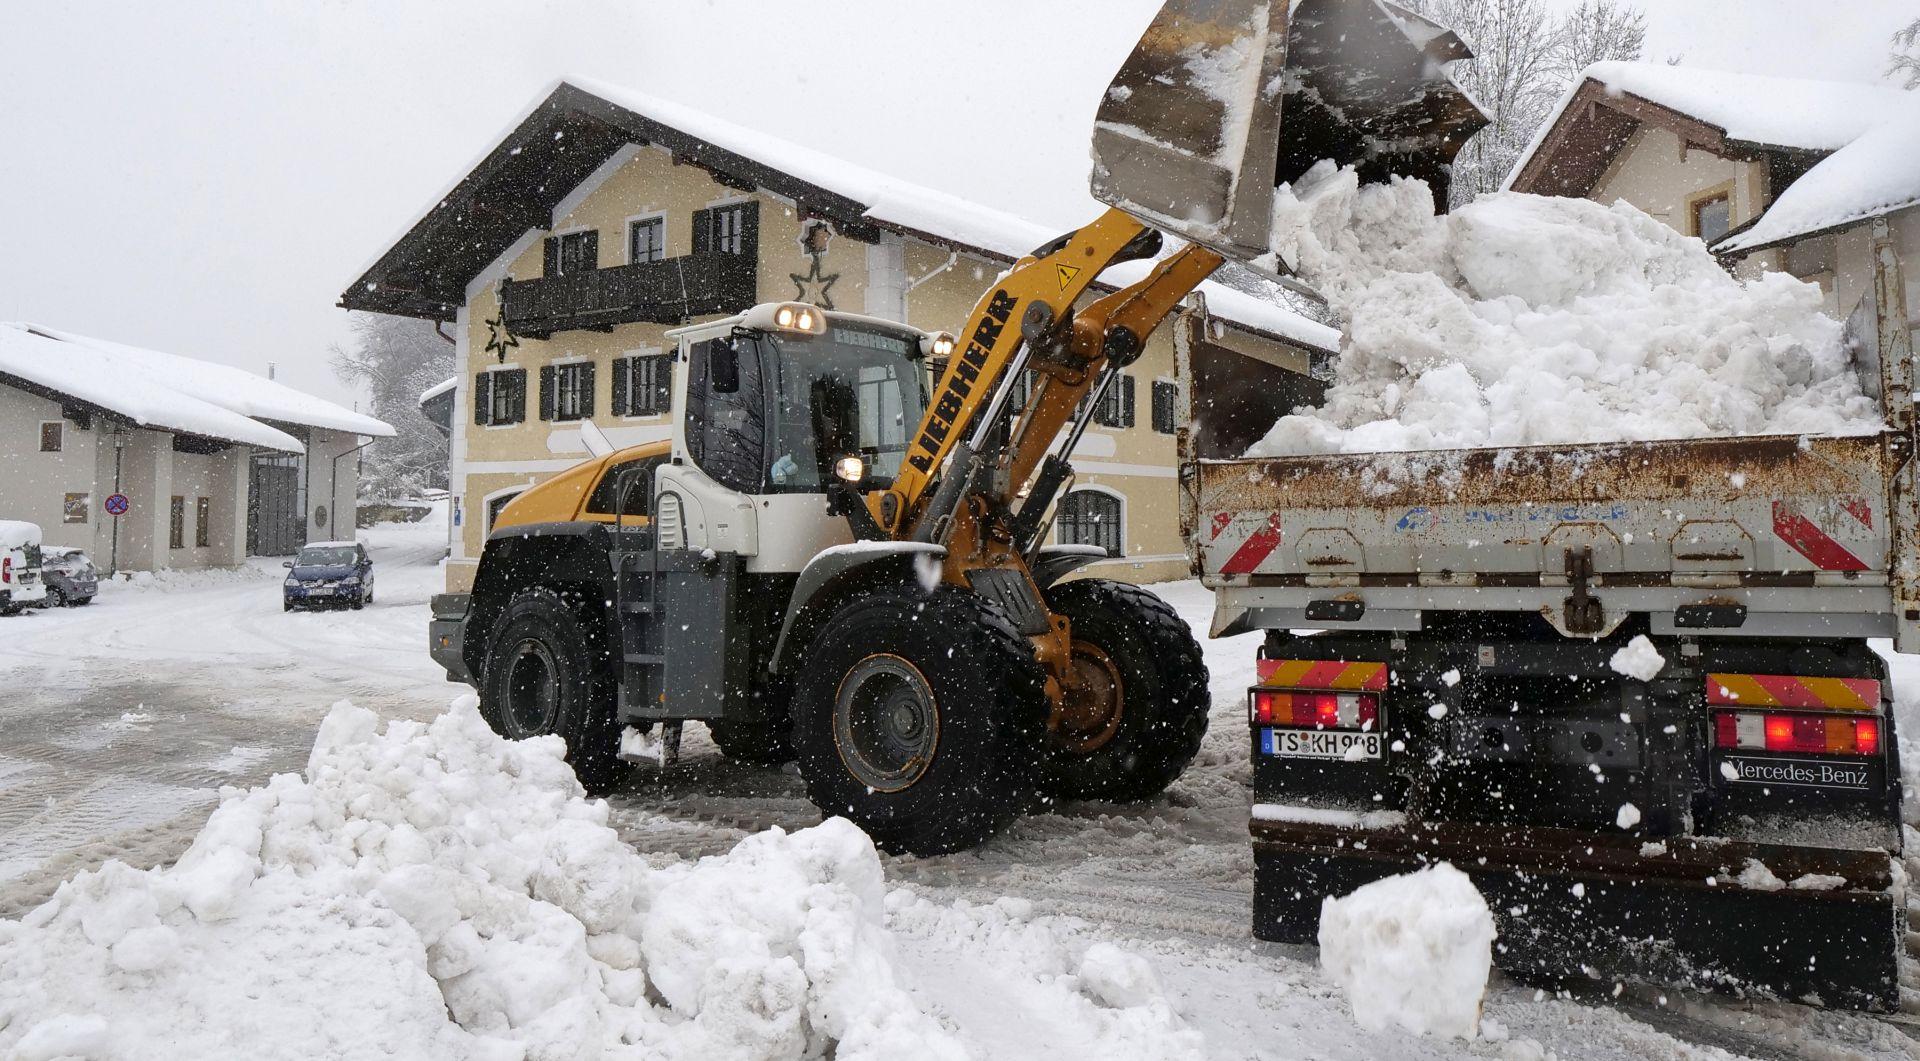 Lavine usmrtile dvije osobe, tisuće zametene snijegom